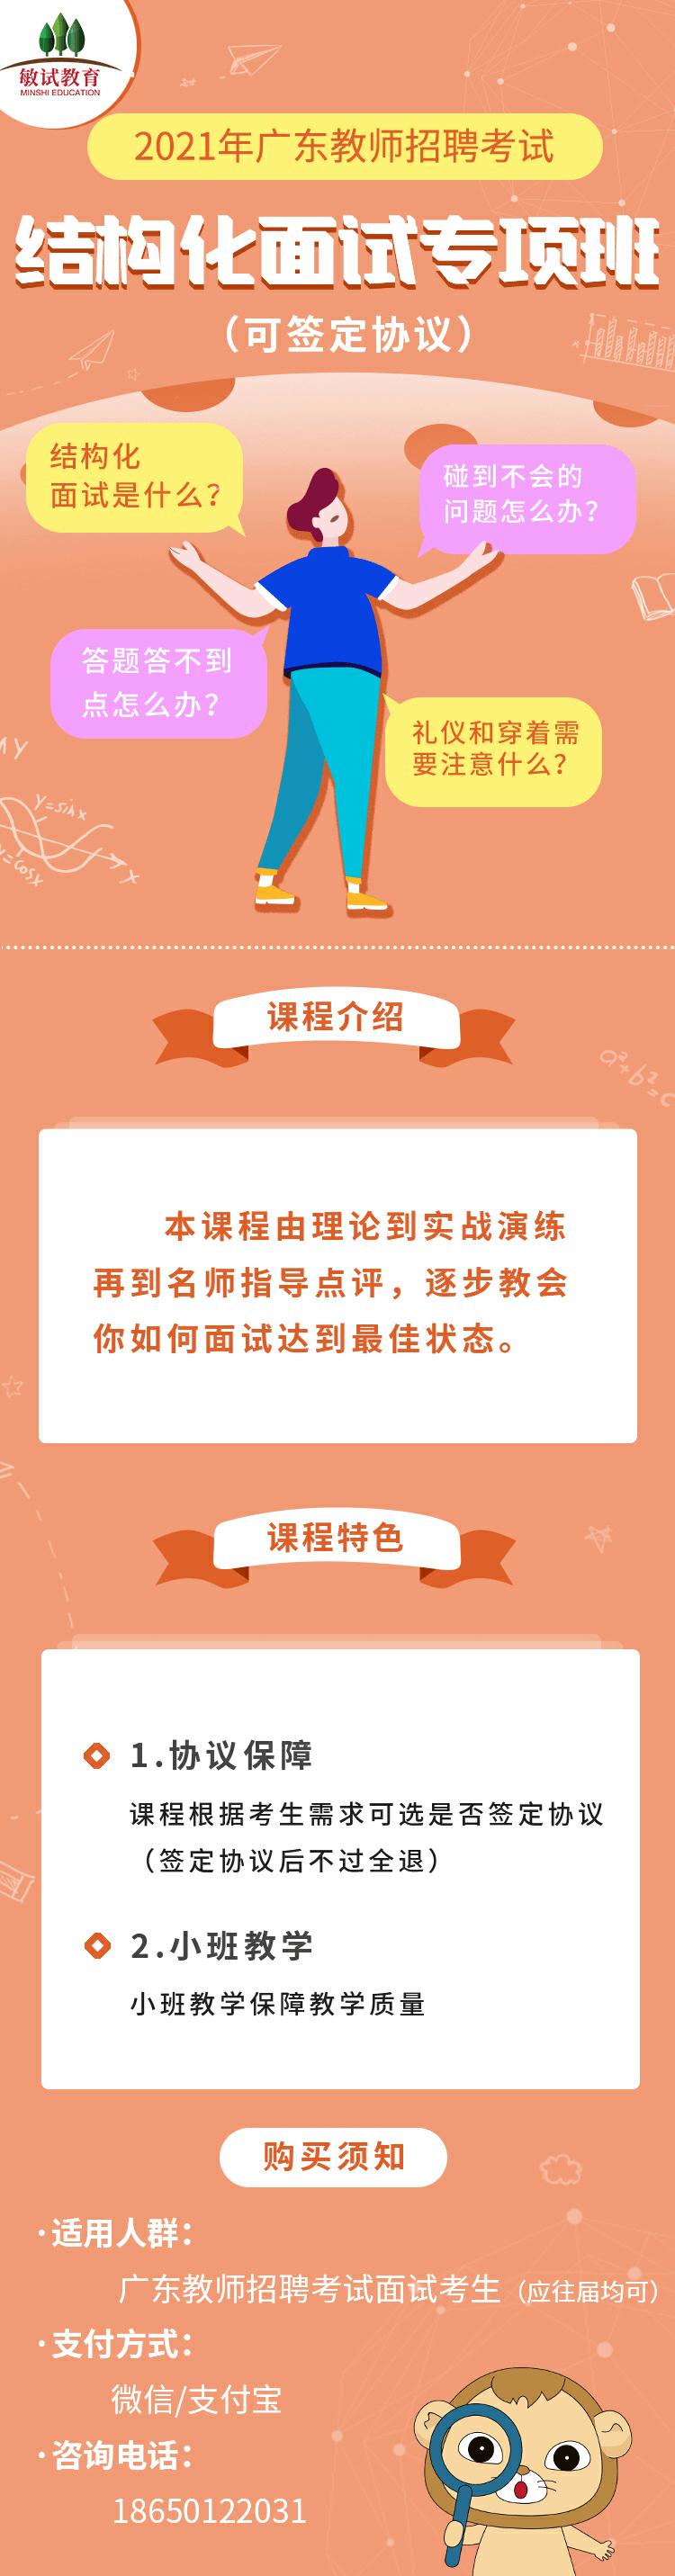 2021广东教师招聘考试培训班:中小学结构化专项班